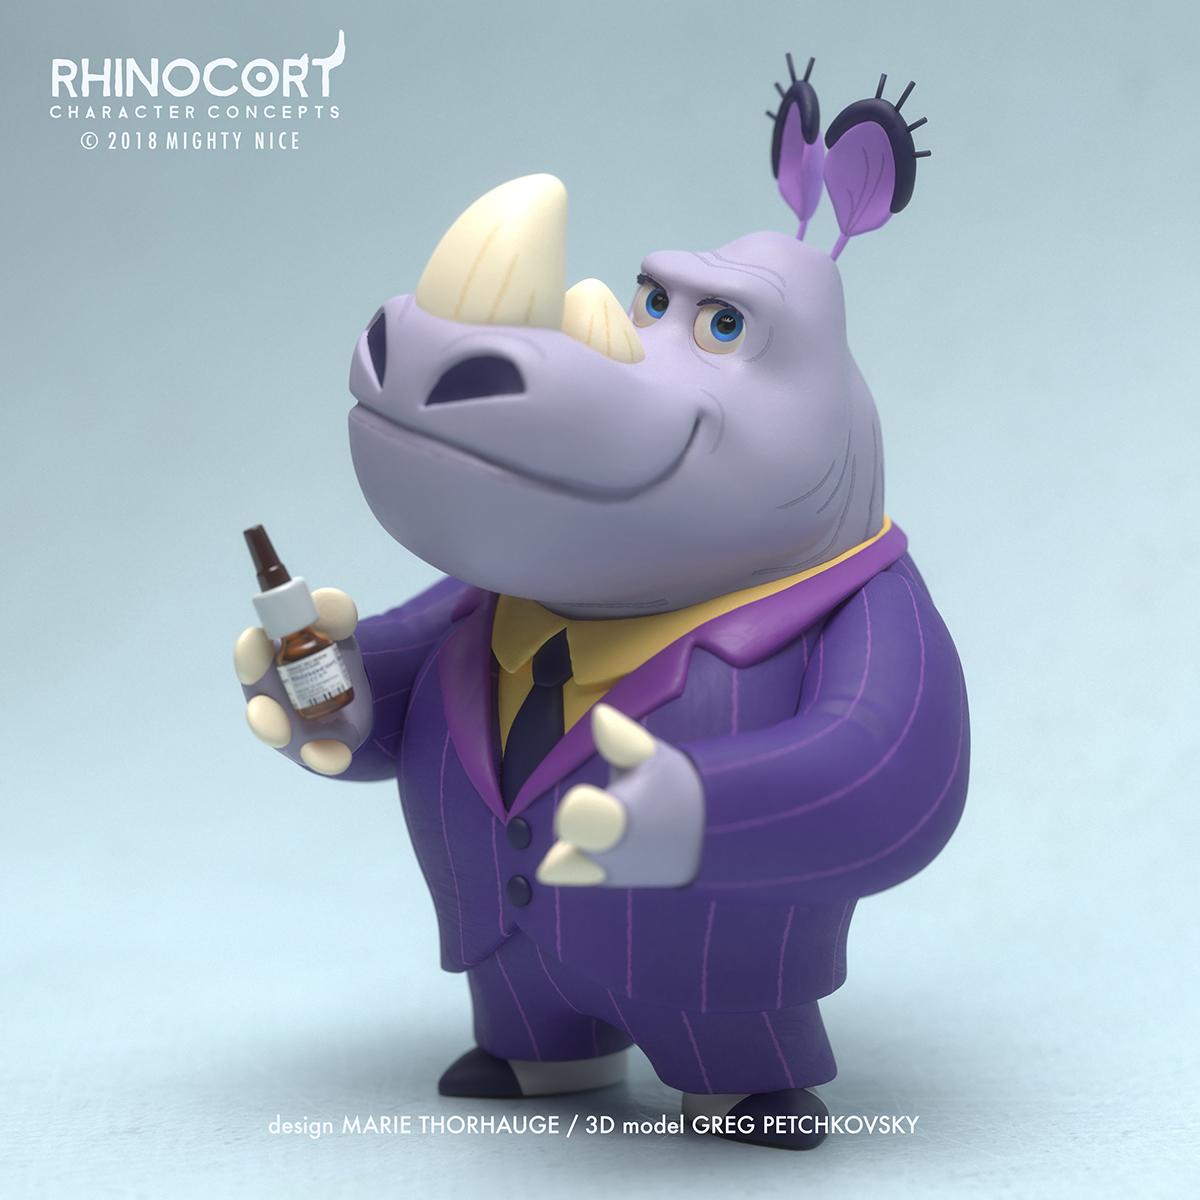 MightyNice_Marie-Thorhauge_DarrenPrice_Rhinocort_3Dmodel_02.jpg